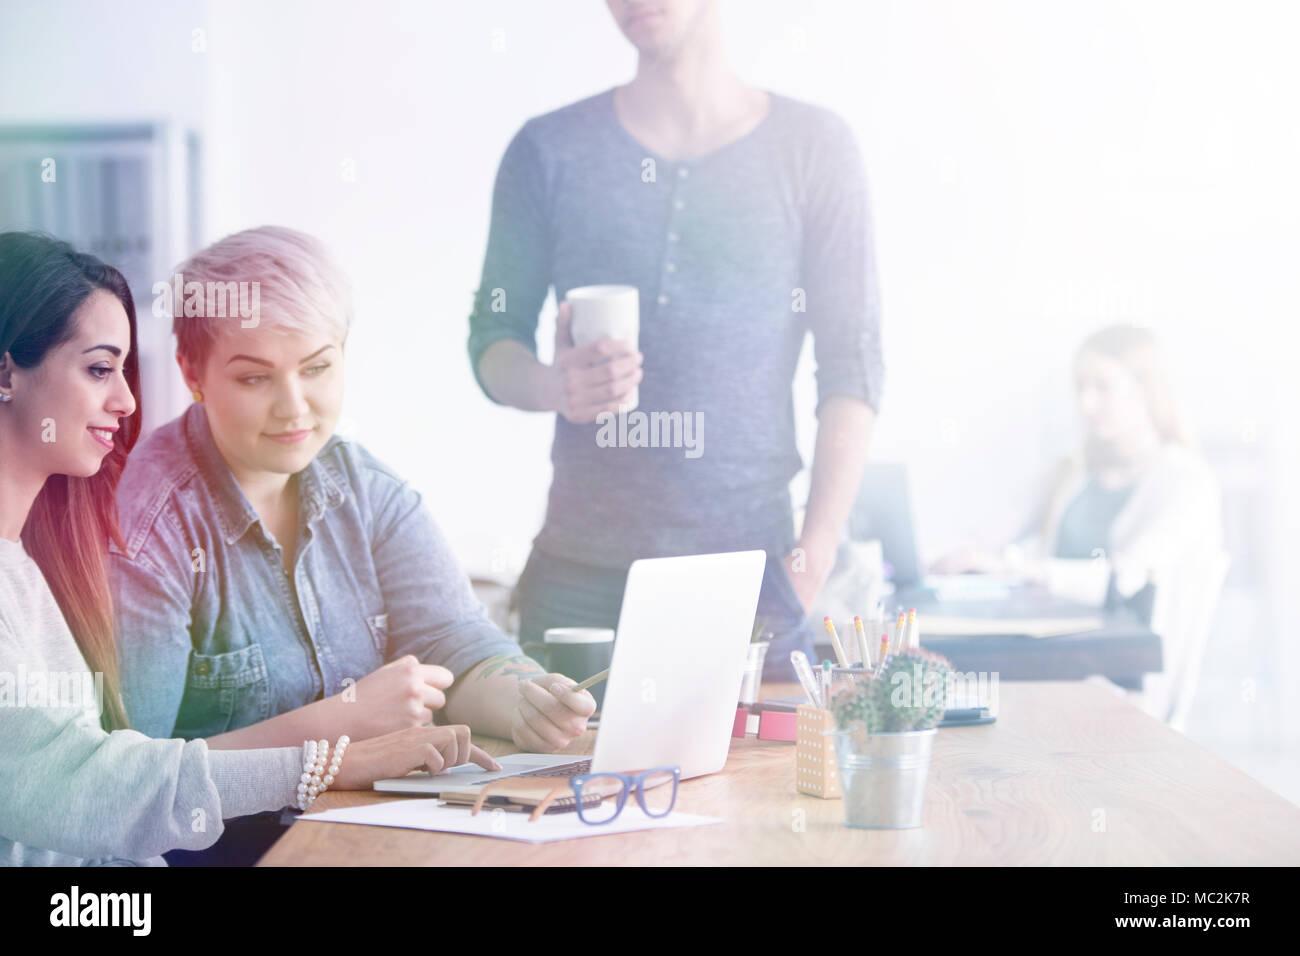 Dos mujeres sentadas en una oficina con un ordenador portátil y hombre de pie junto a ellos Imagen De Stock